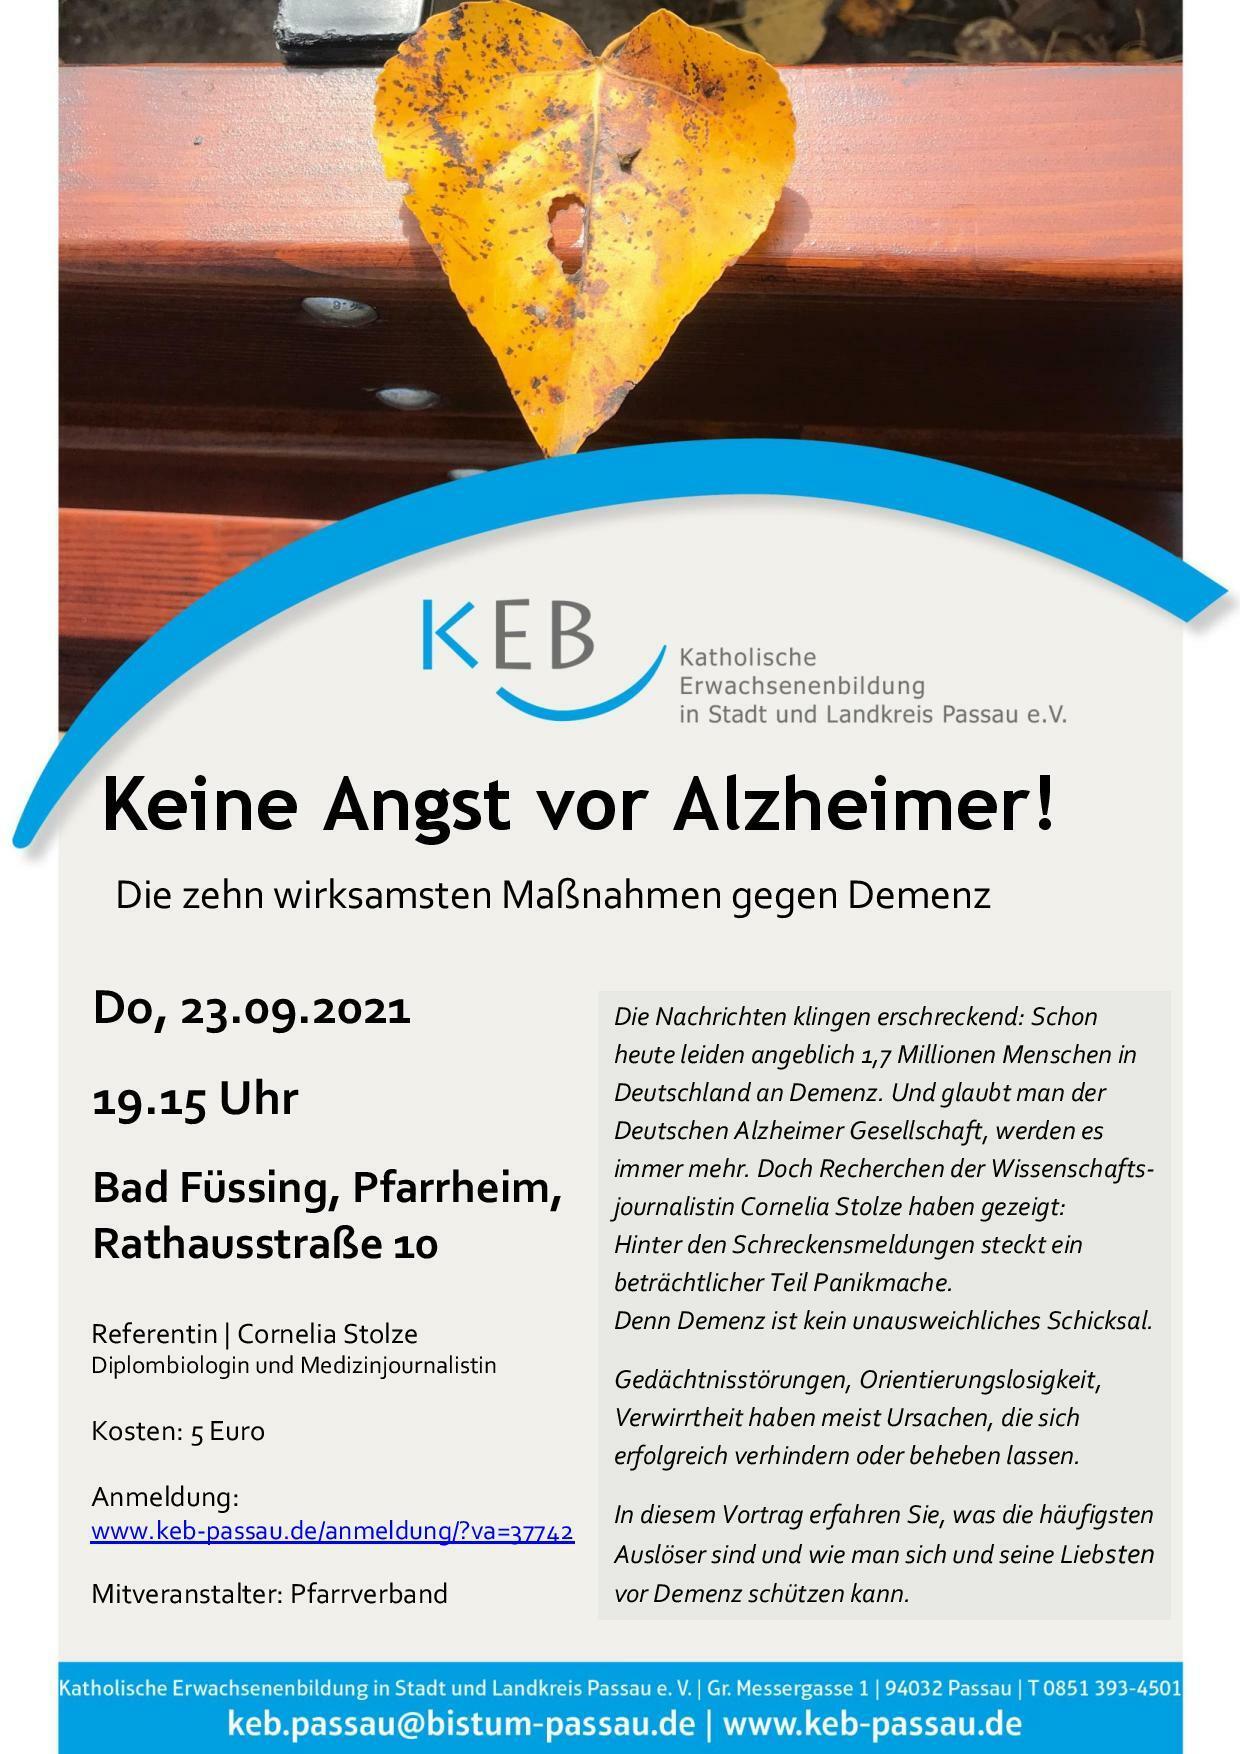 2021 09 23 Keine Angst vor Alzheimer page 001 1